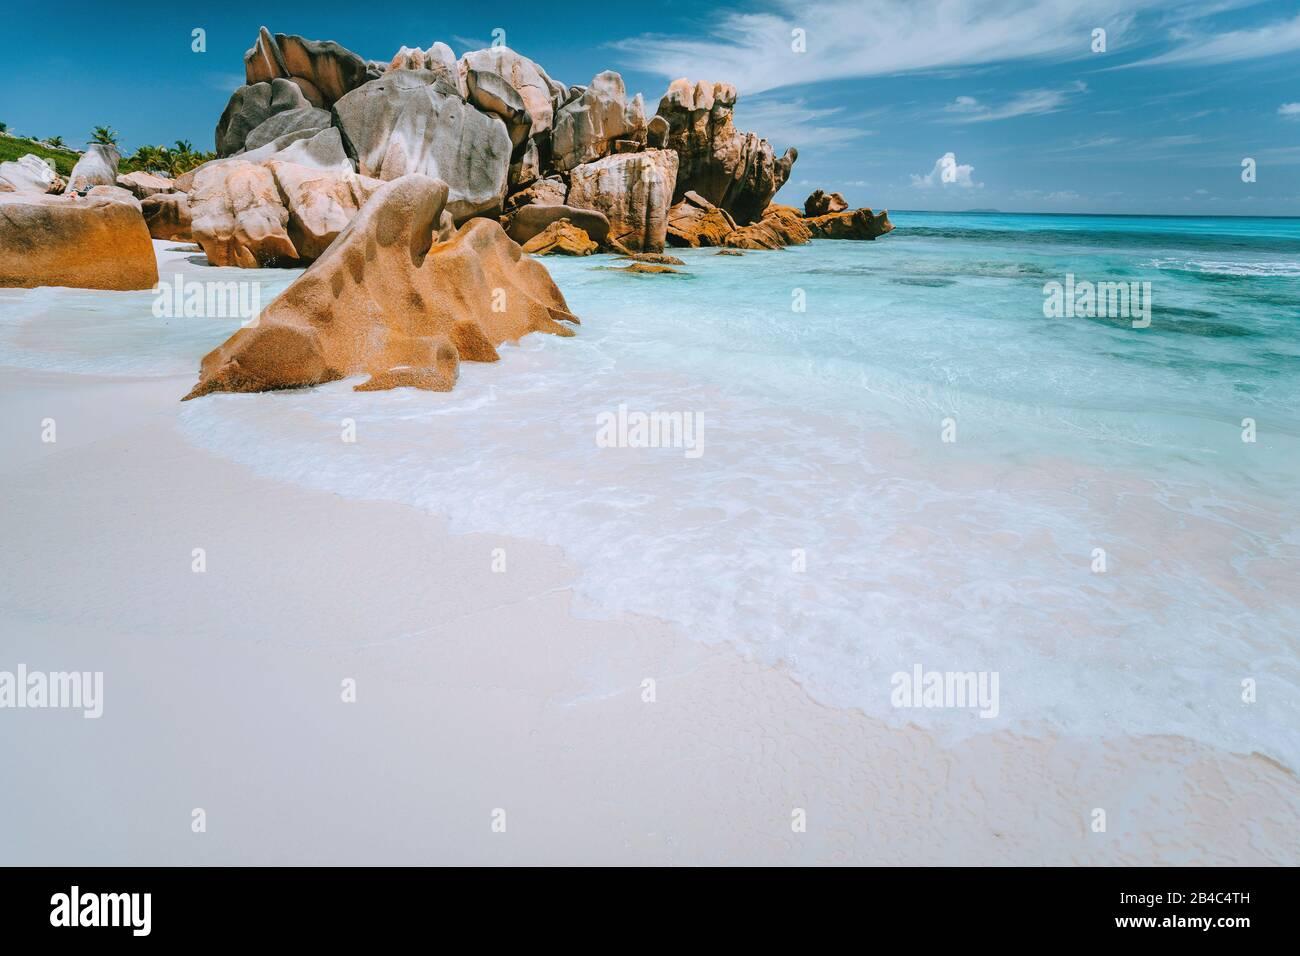 Blocs de rochers de granit sur la plage d'Anse Coco, Seychelles. Sable blanc, eau turquoise, ciel bleu. Concept de voyages vacances. Banque D'Images